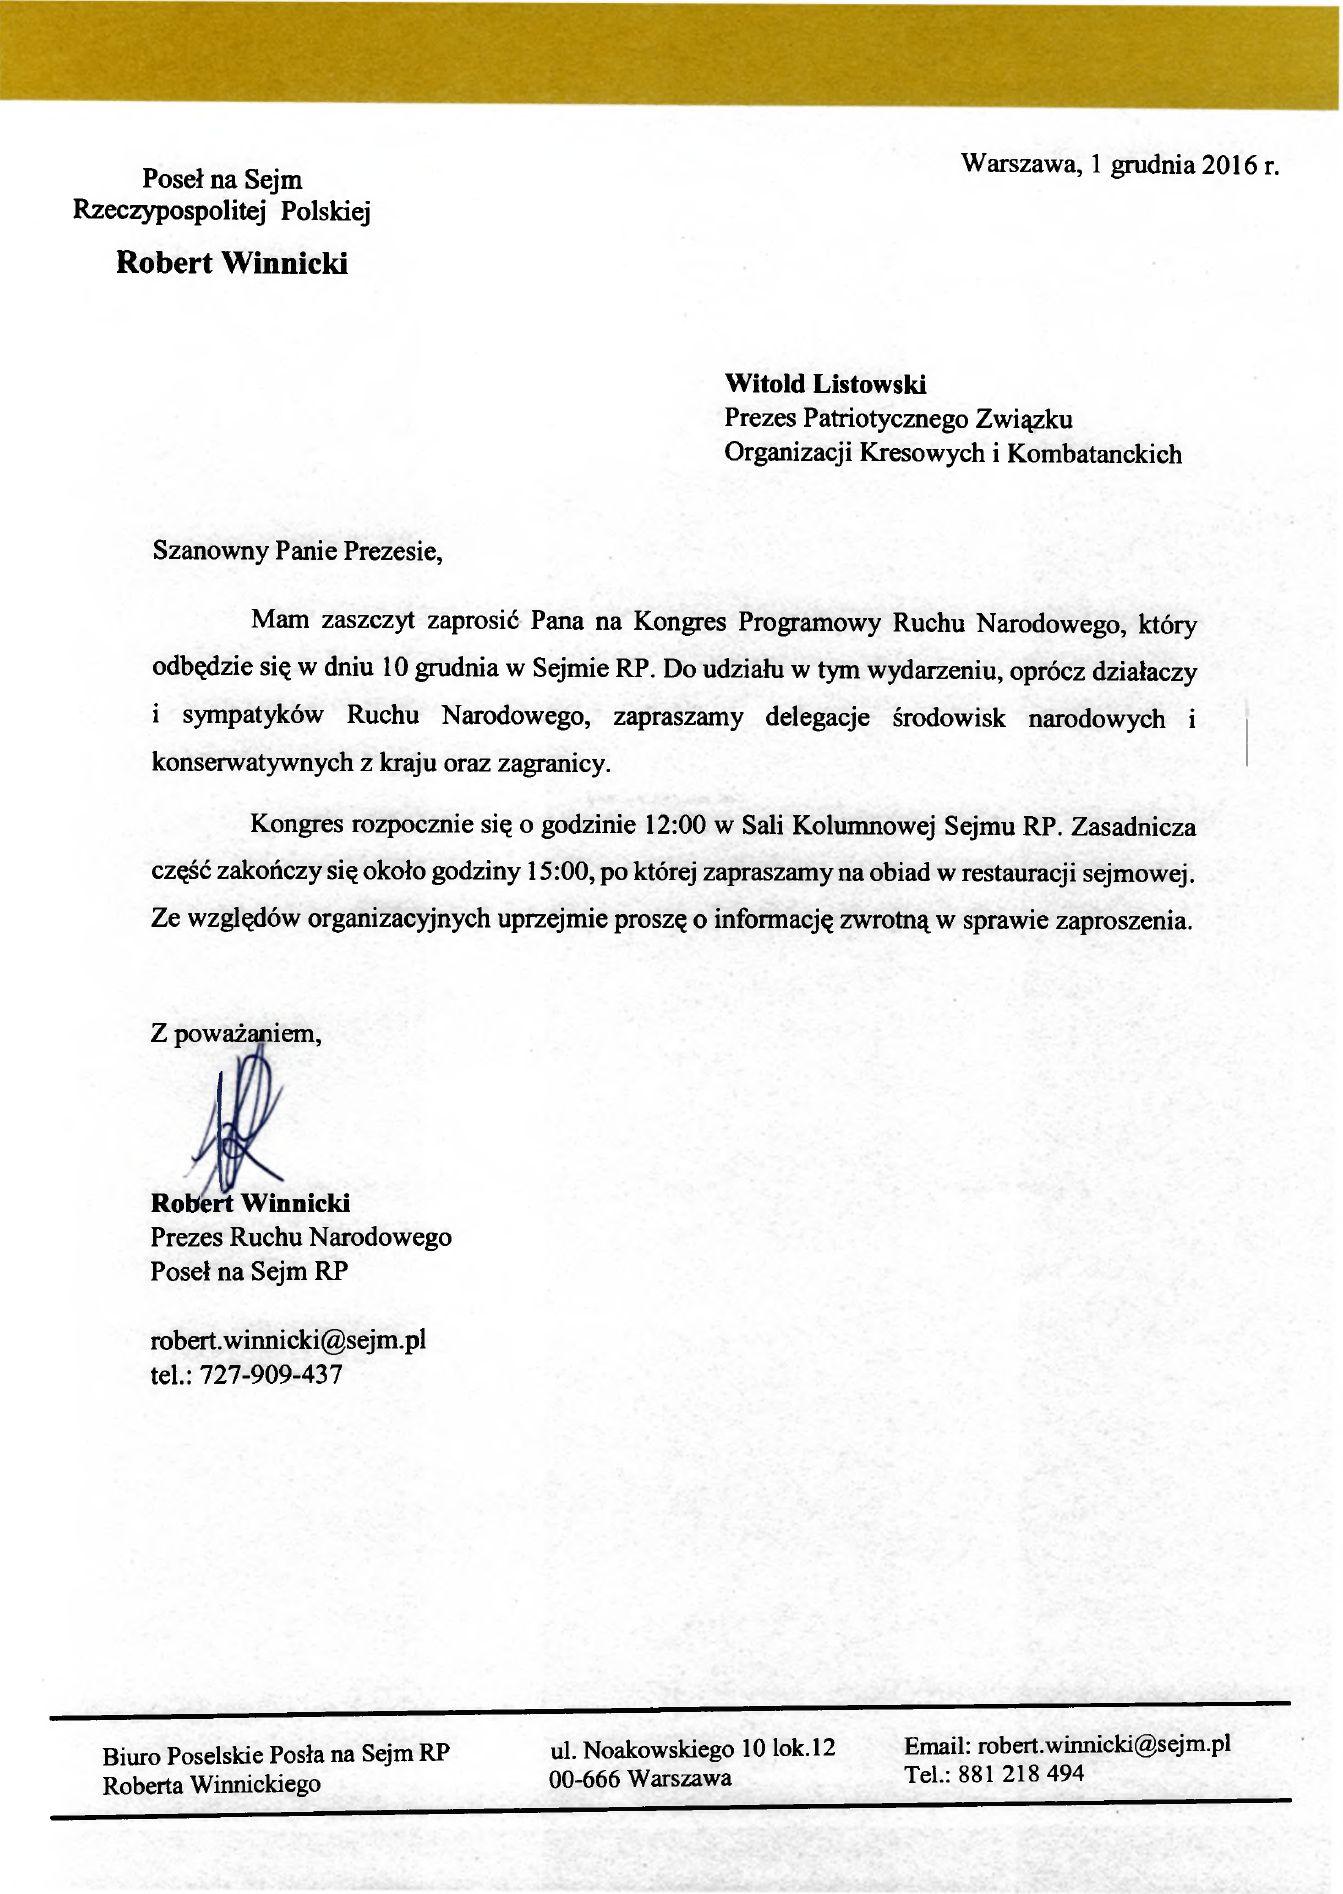 zaproszenie_kongres-programowy-rn